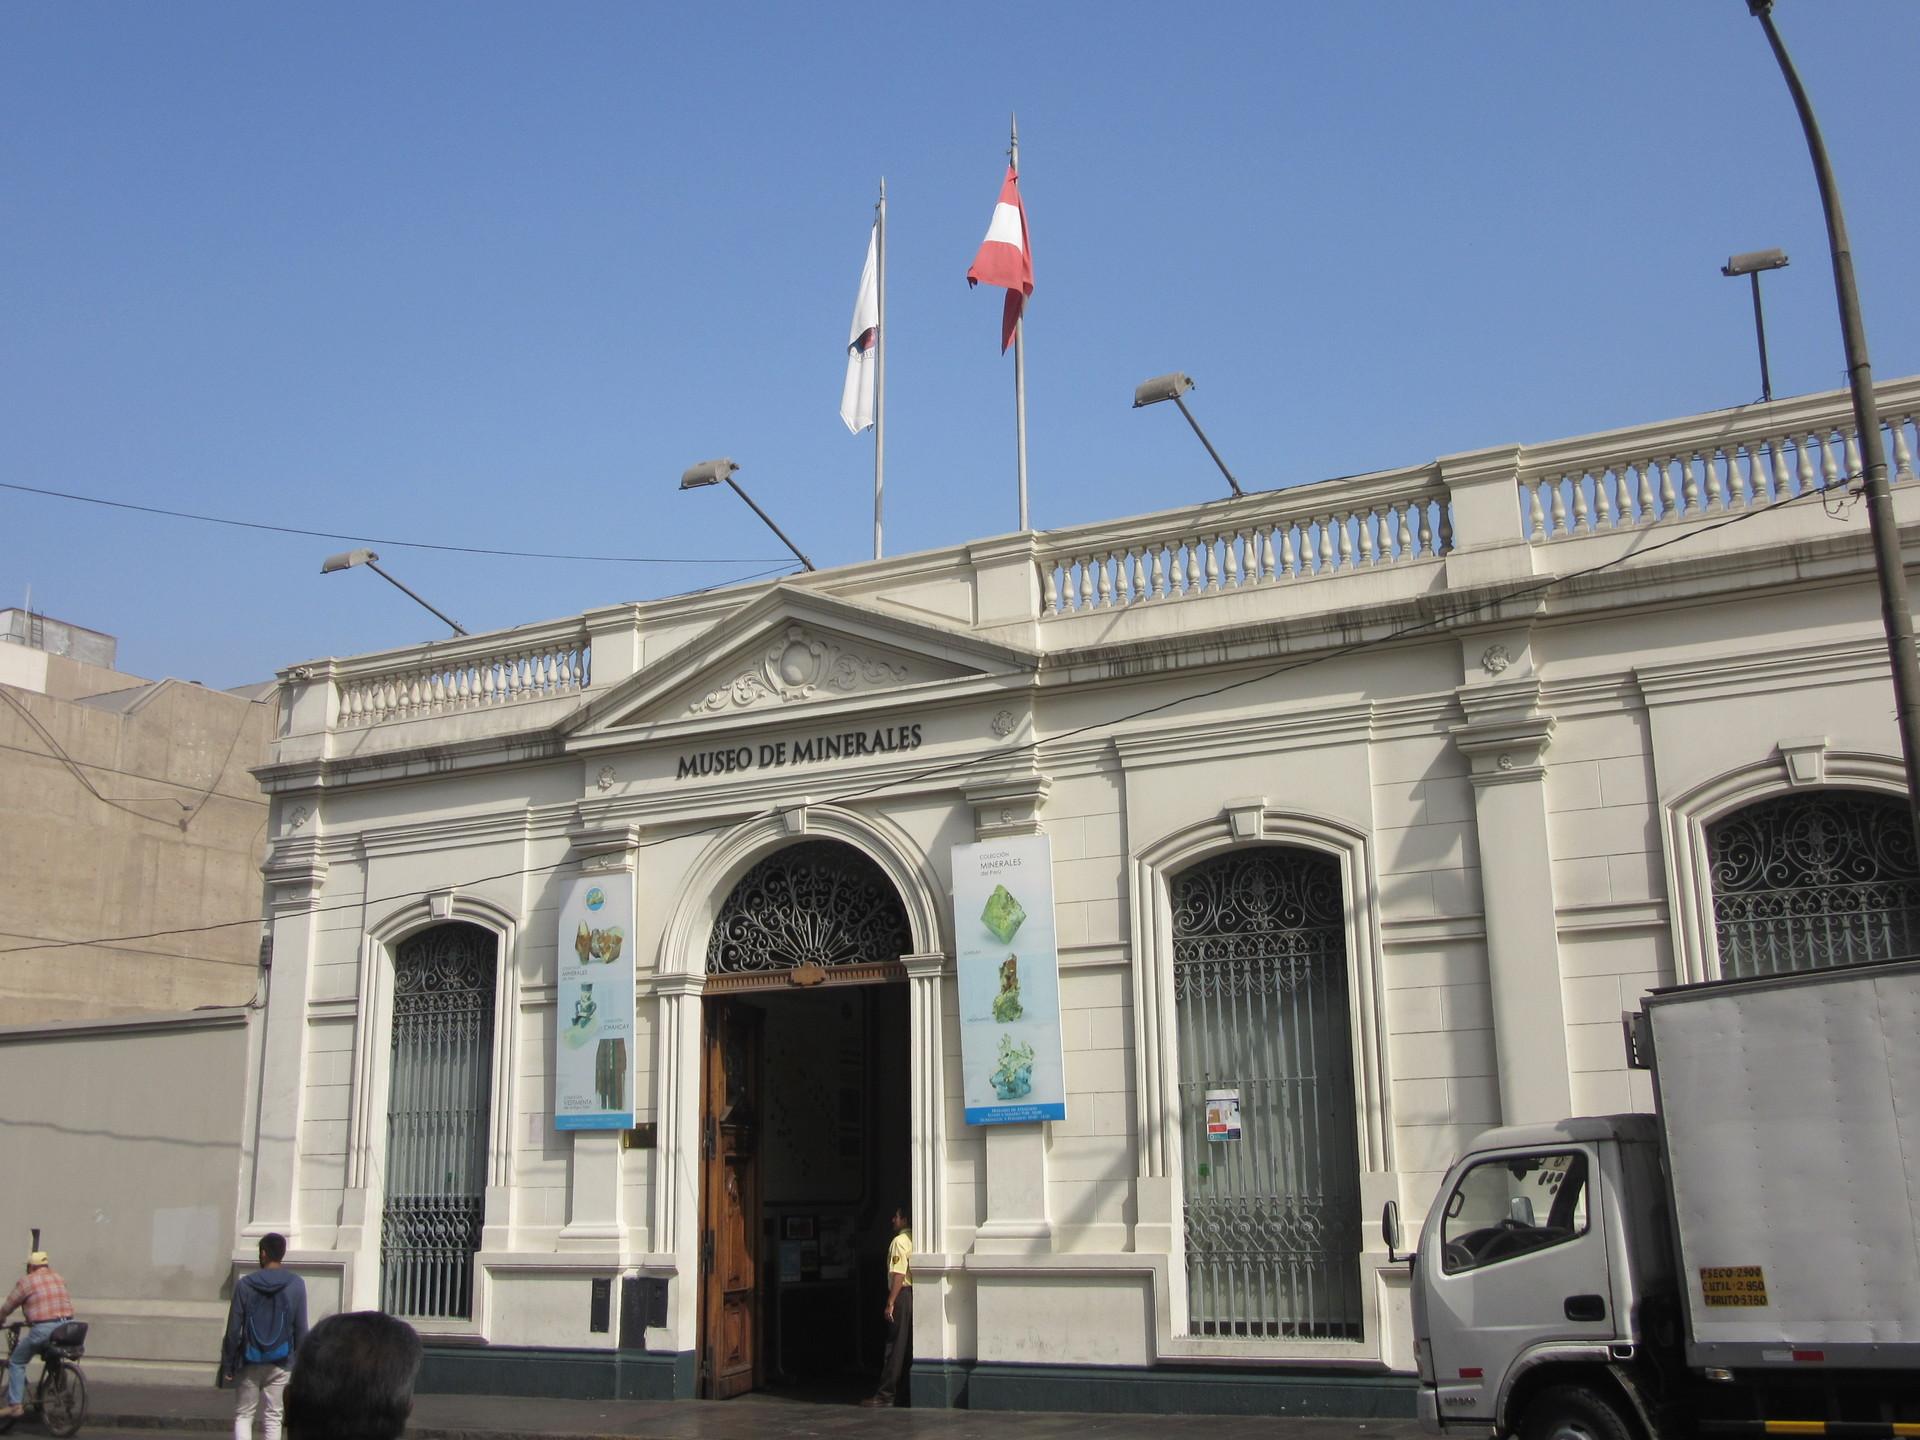 un-museo-perfecto-conocer-minerales-a2f5